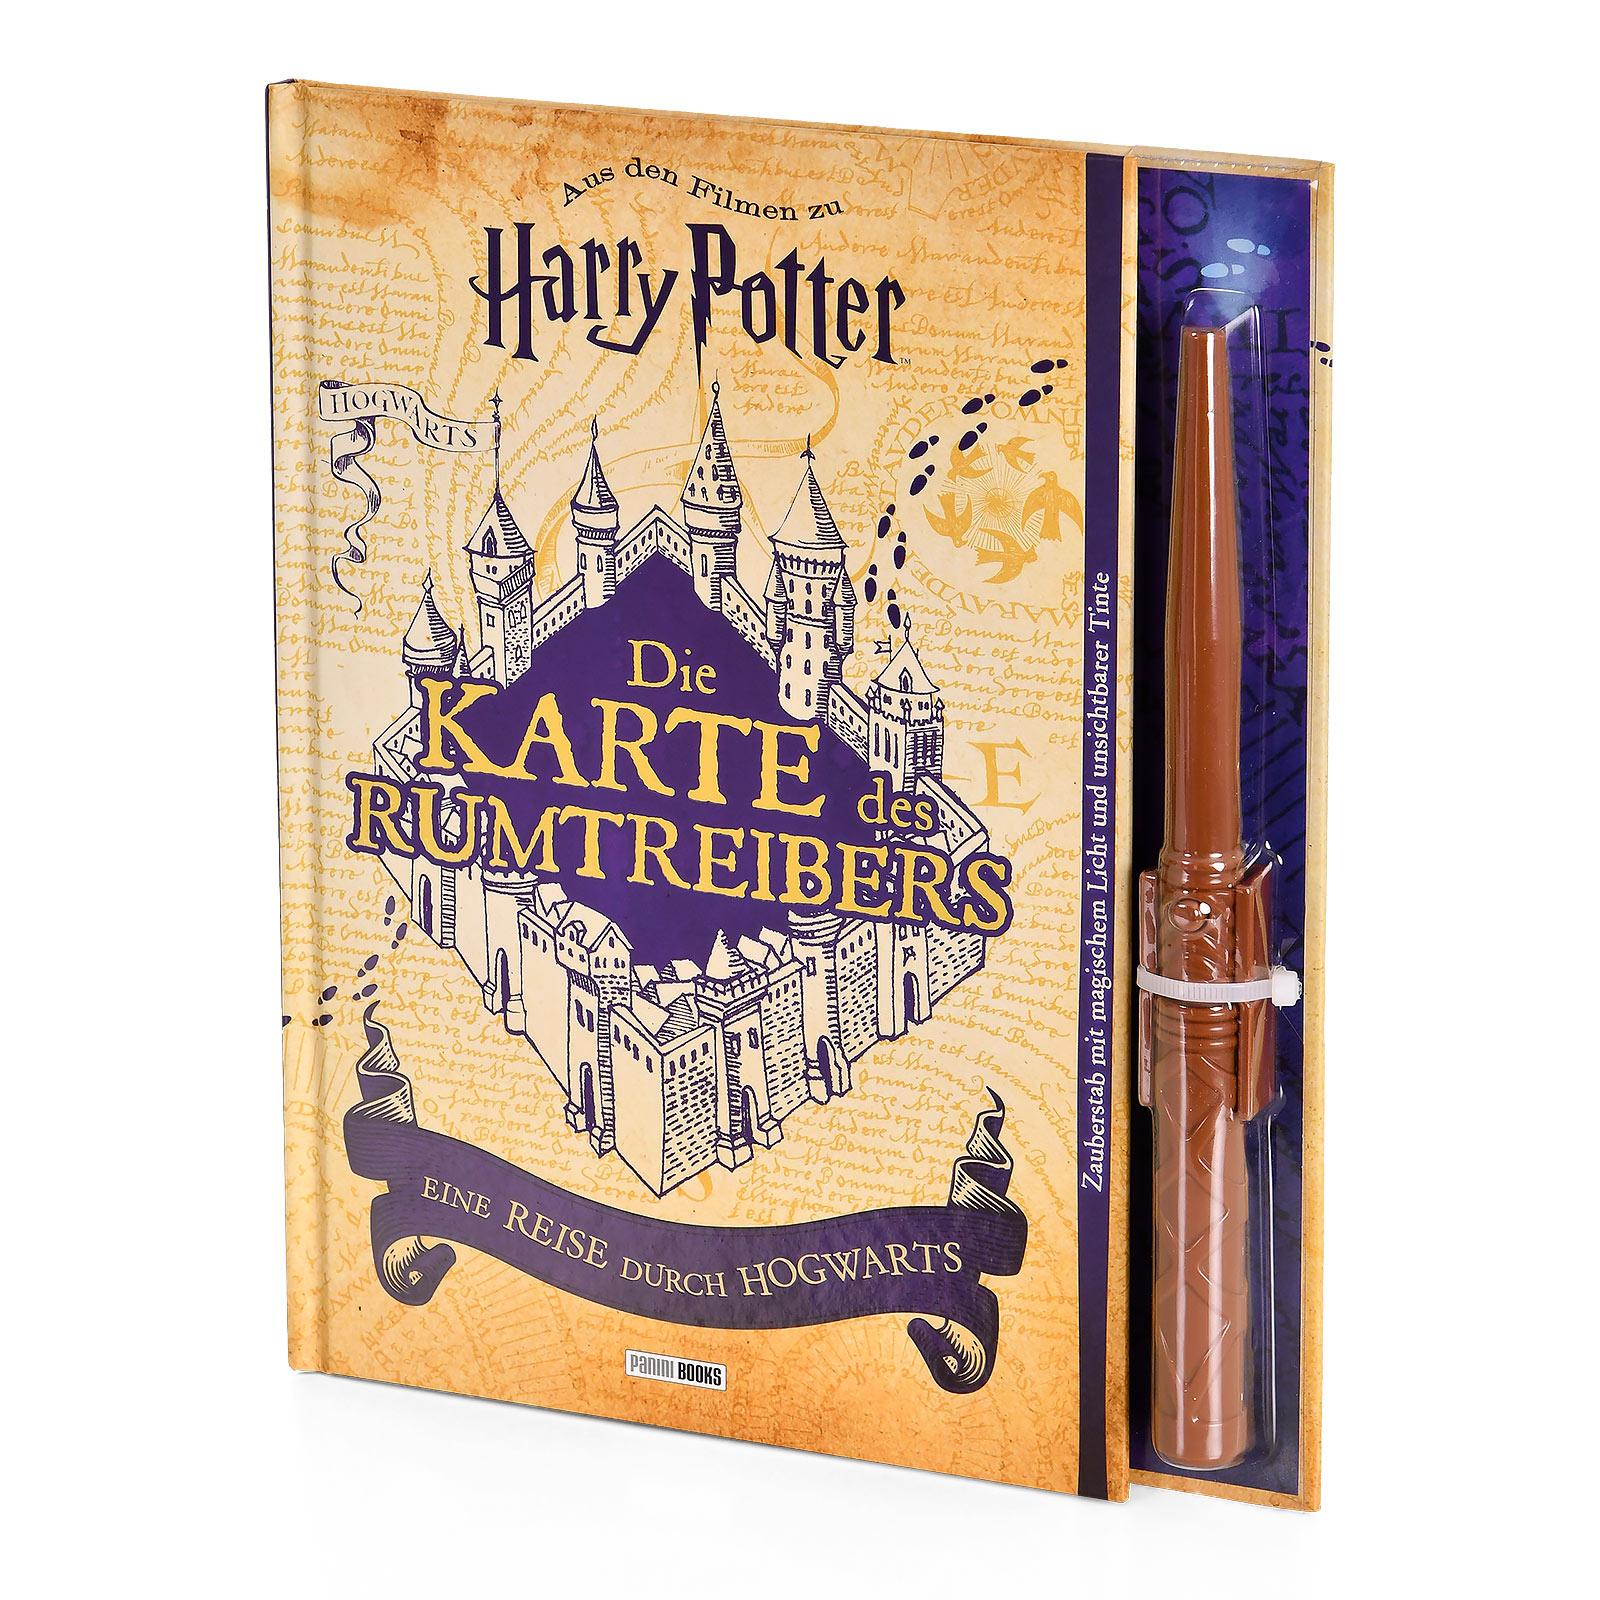 Harry Potter - Die Karte des Rumtreibers - Eine Reise durch Hogwarts